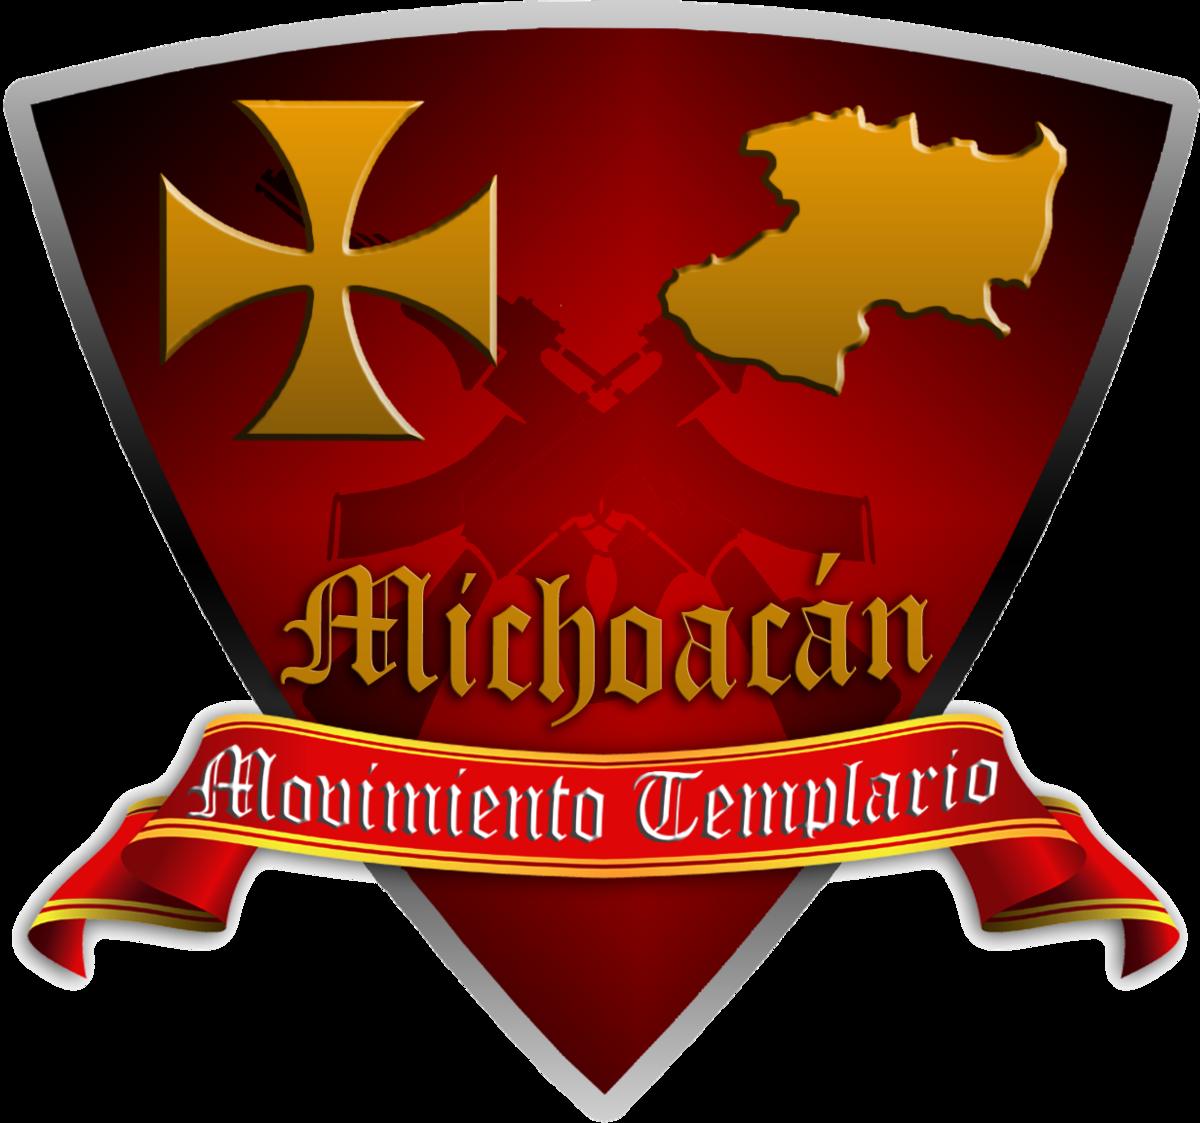 Knights Templar Cartel Wikipedia